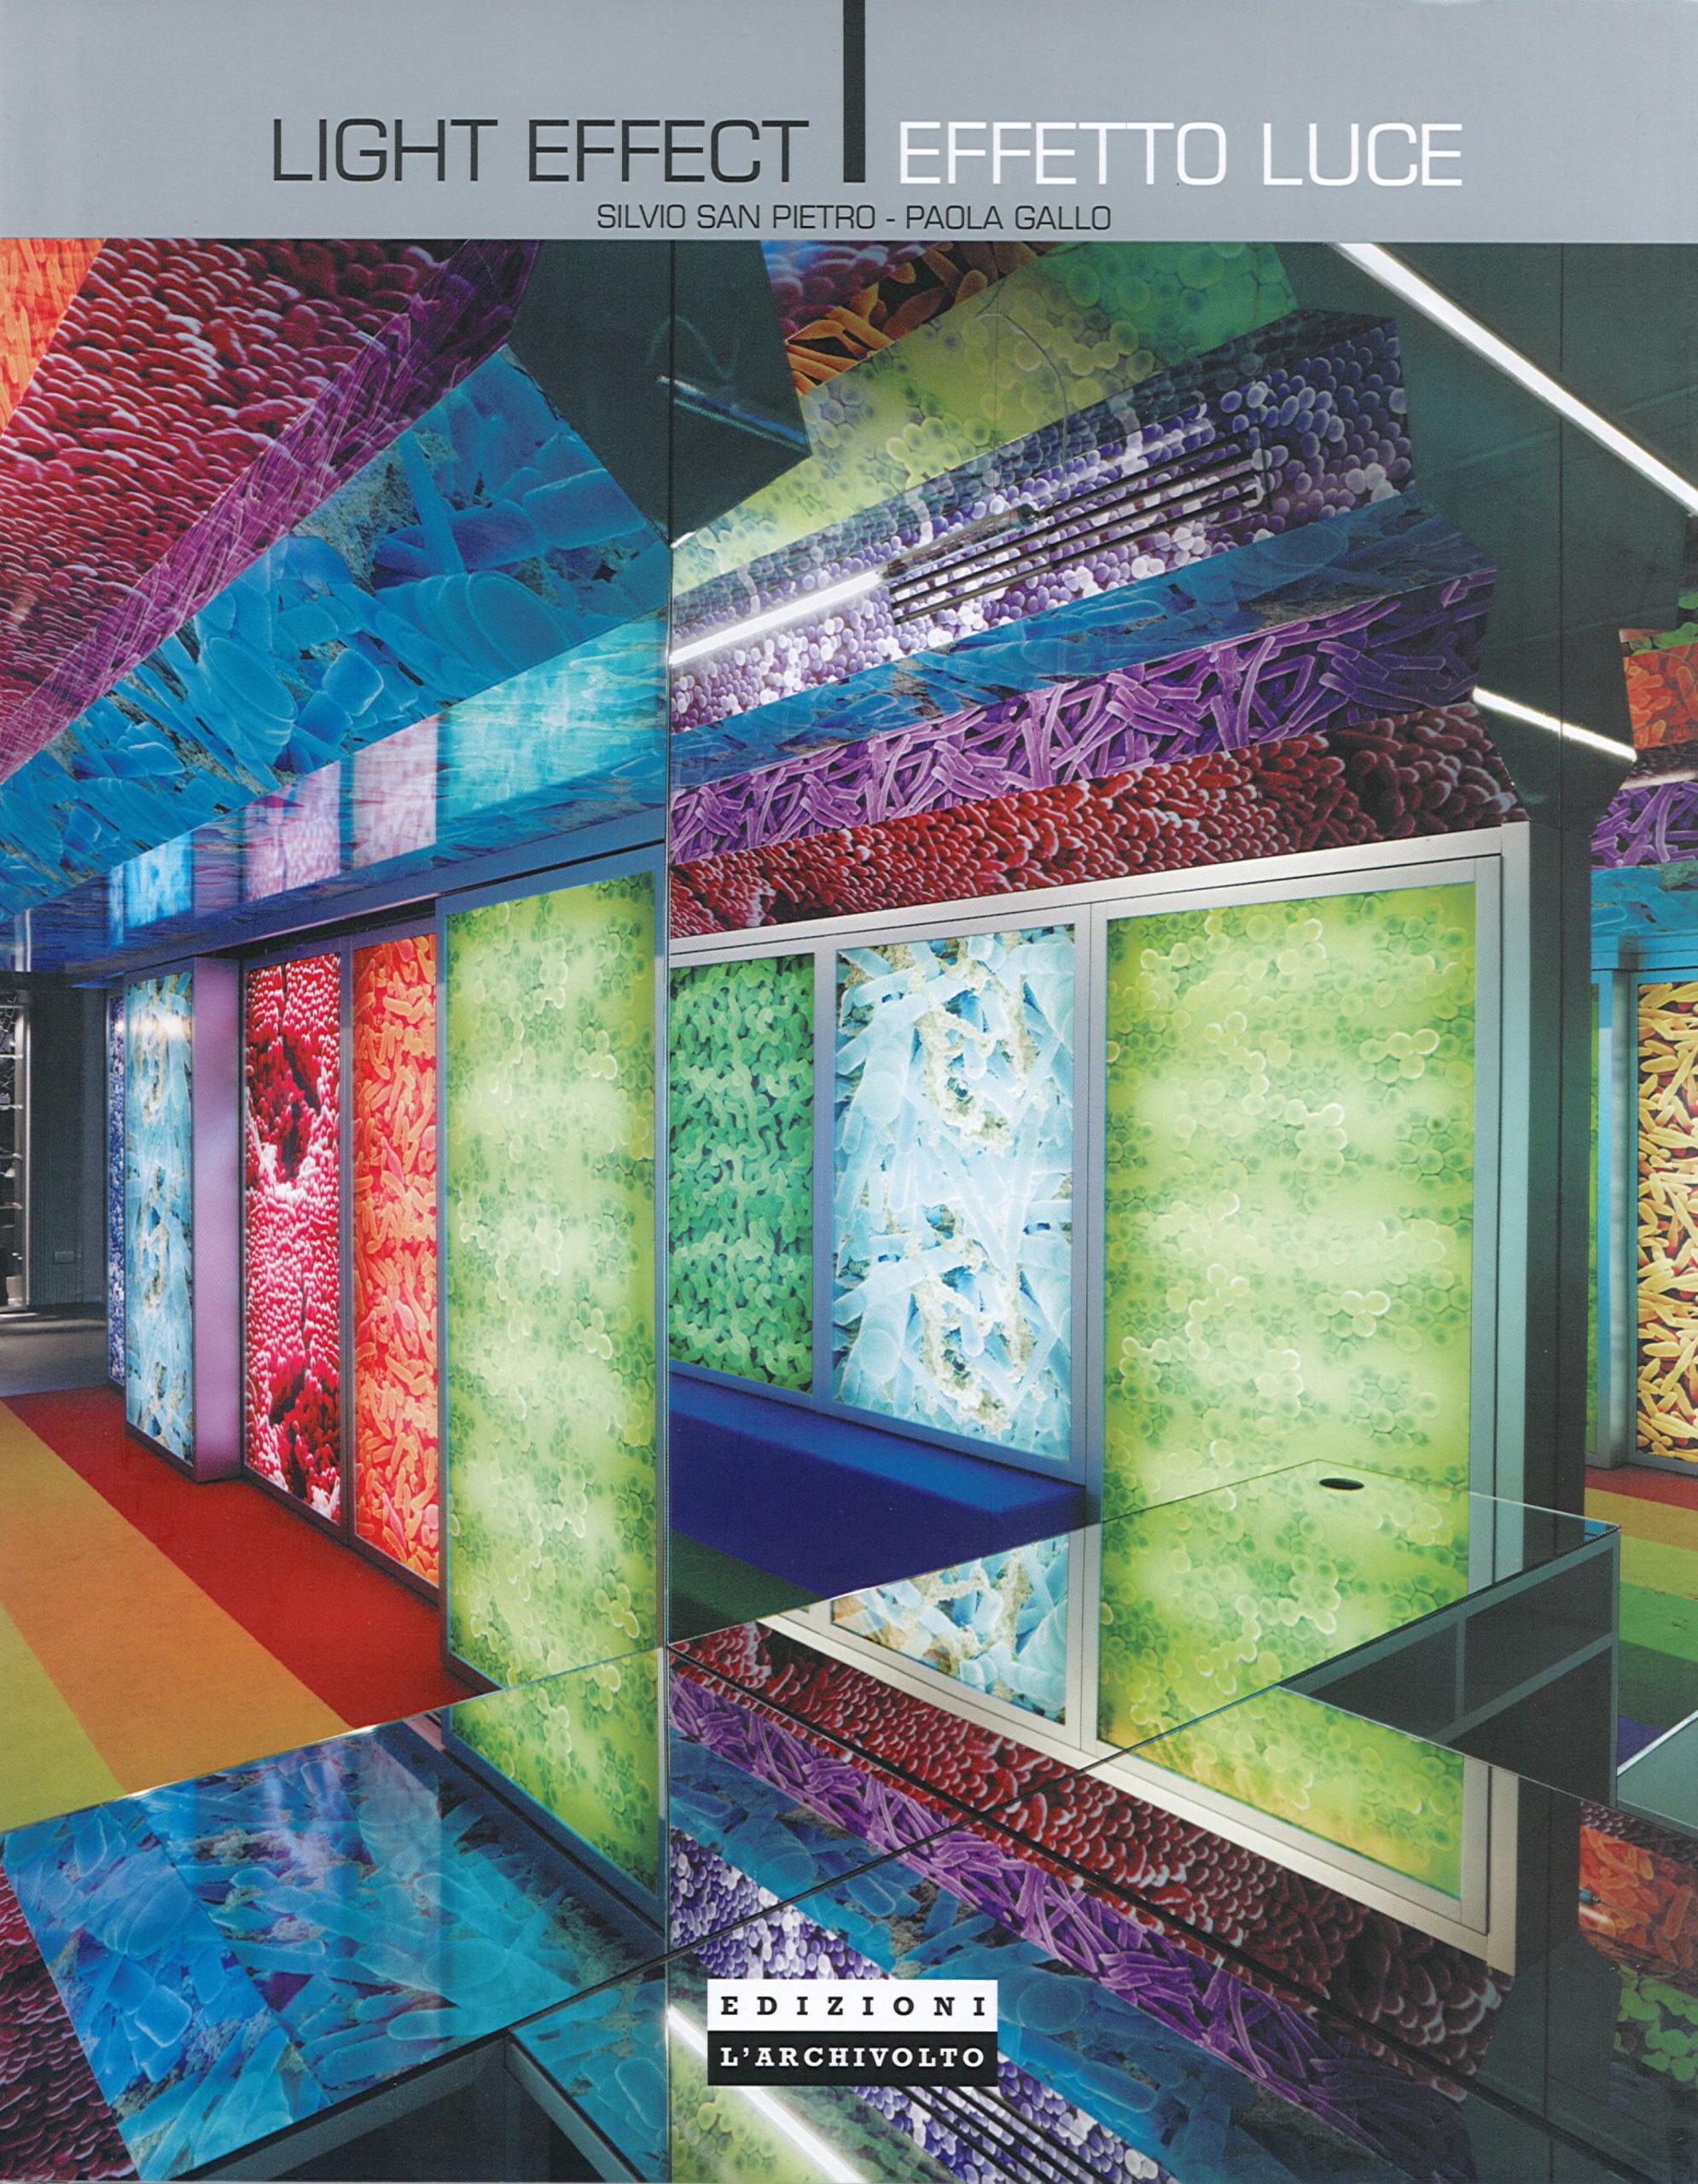 Pubblicazioni - Light effect - oberti+oberti   architetti